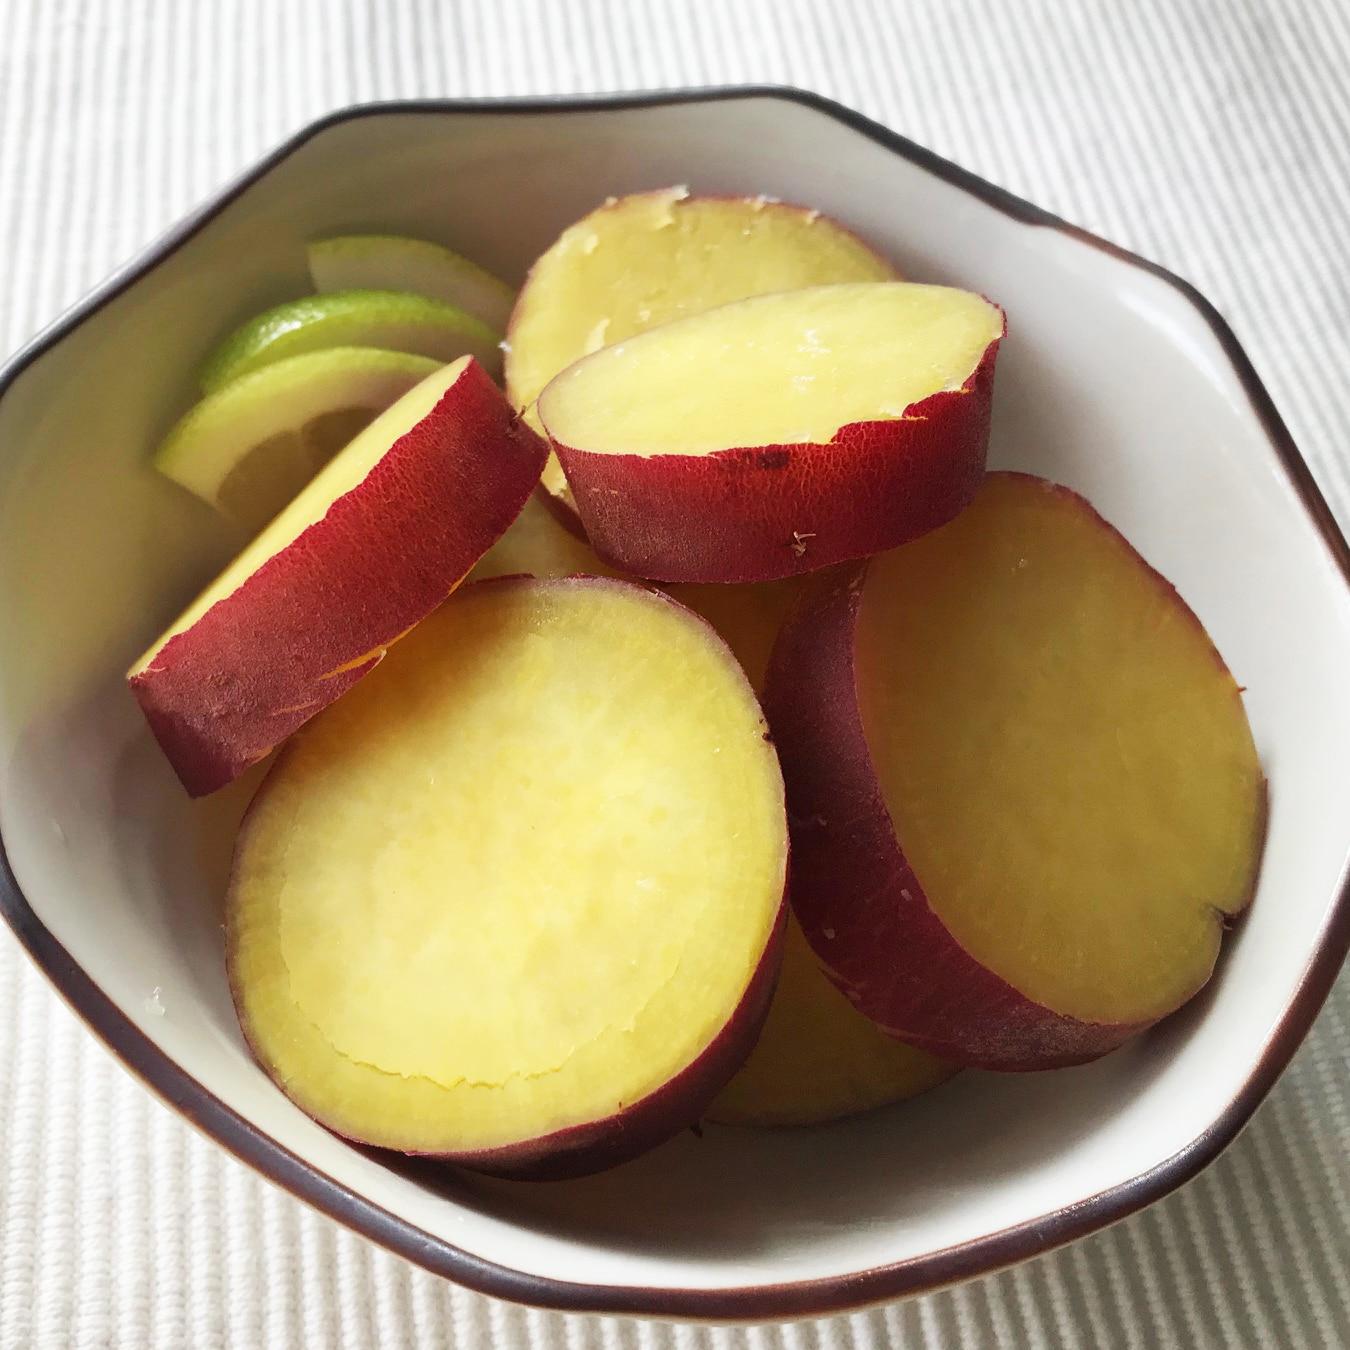 キービジュアル画像:【有楽町】さつまいものグリーンレモン煮|青果売場スタッフの手づくりレシピ